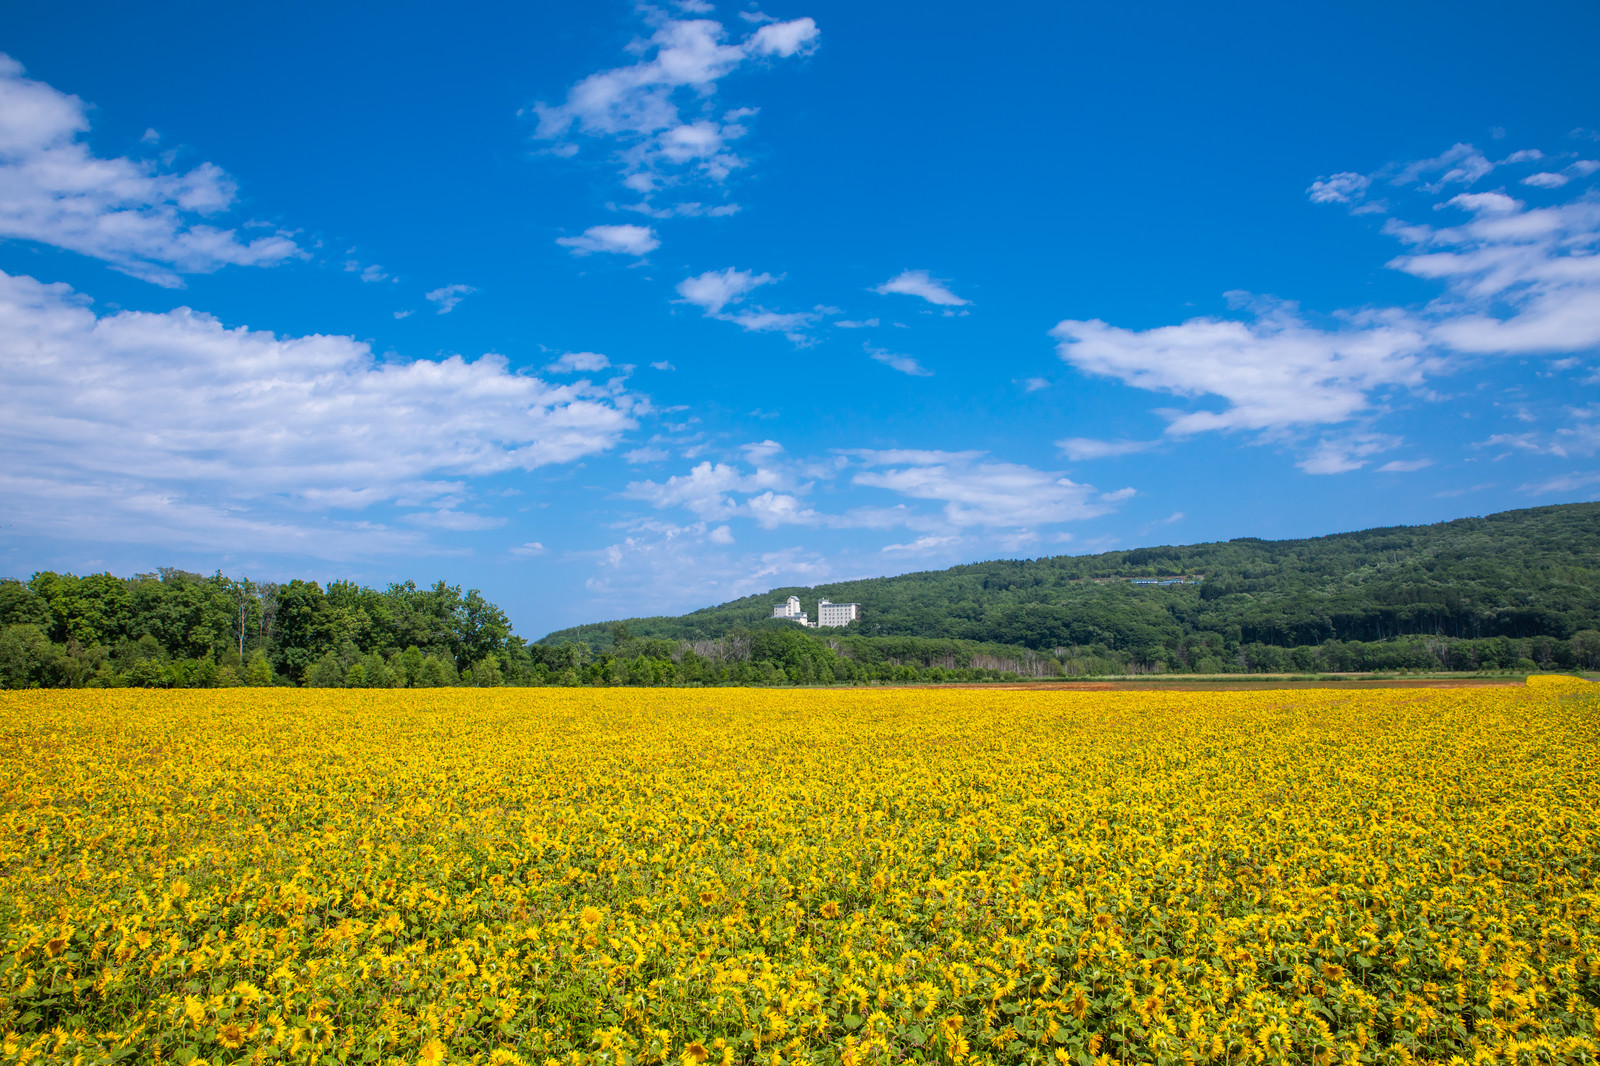 「夏空の下の黄色い絨毯   写真の無料素材・フリー素材 - ぱくたそ」の写真